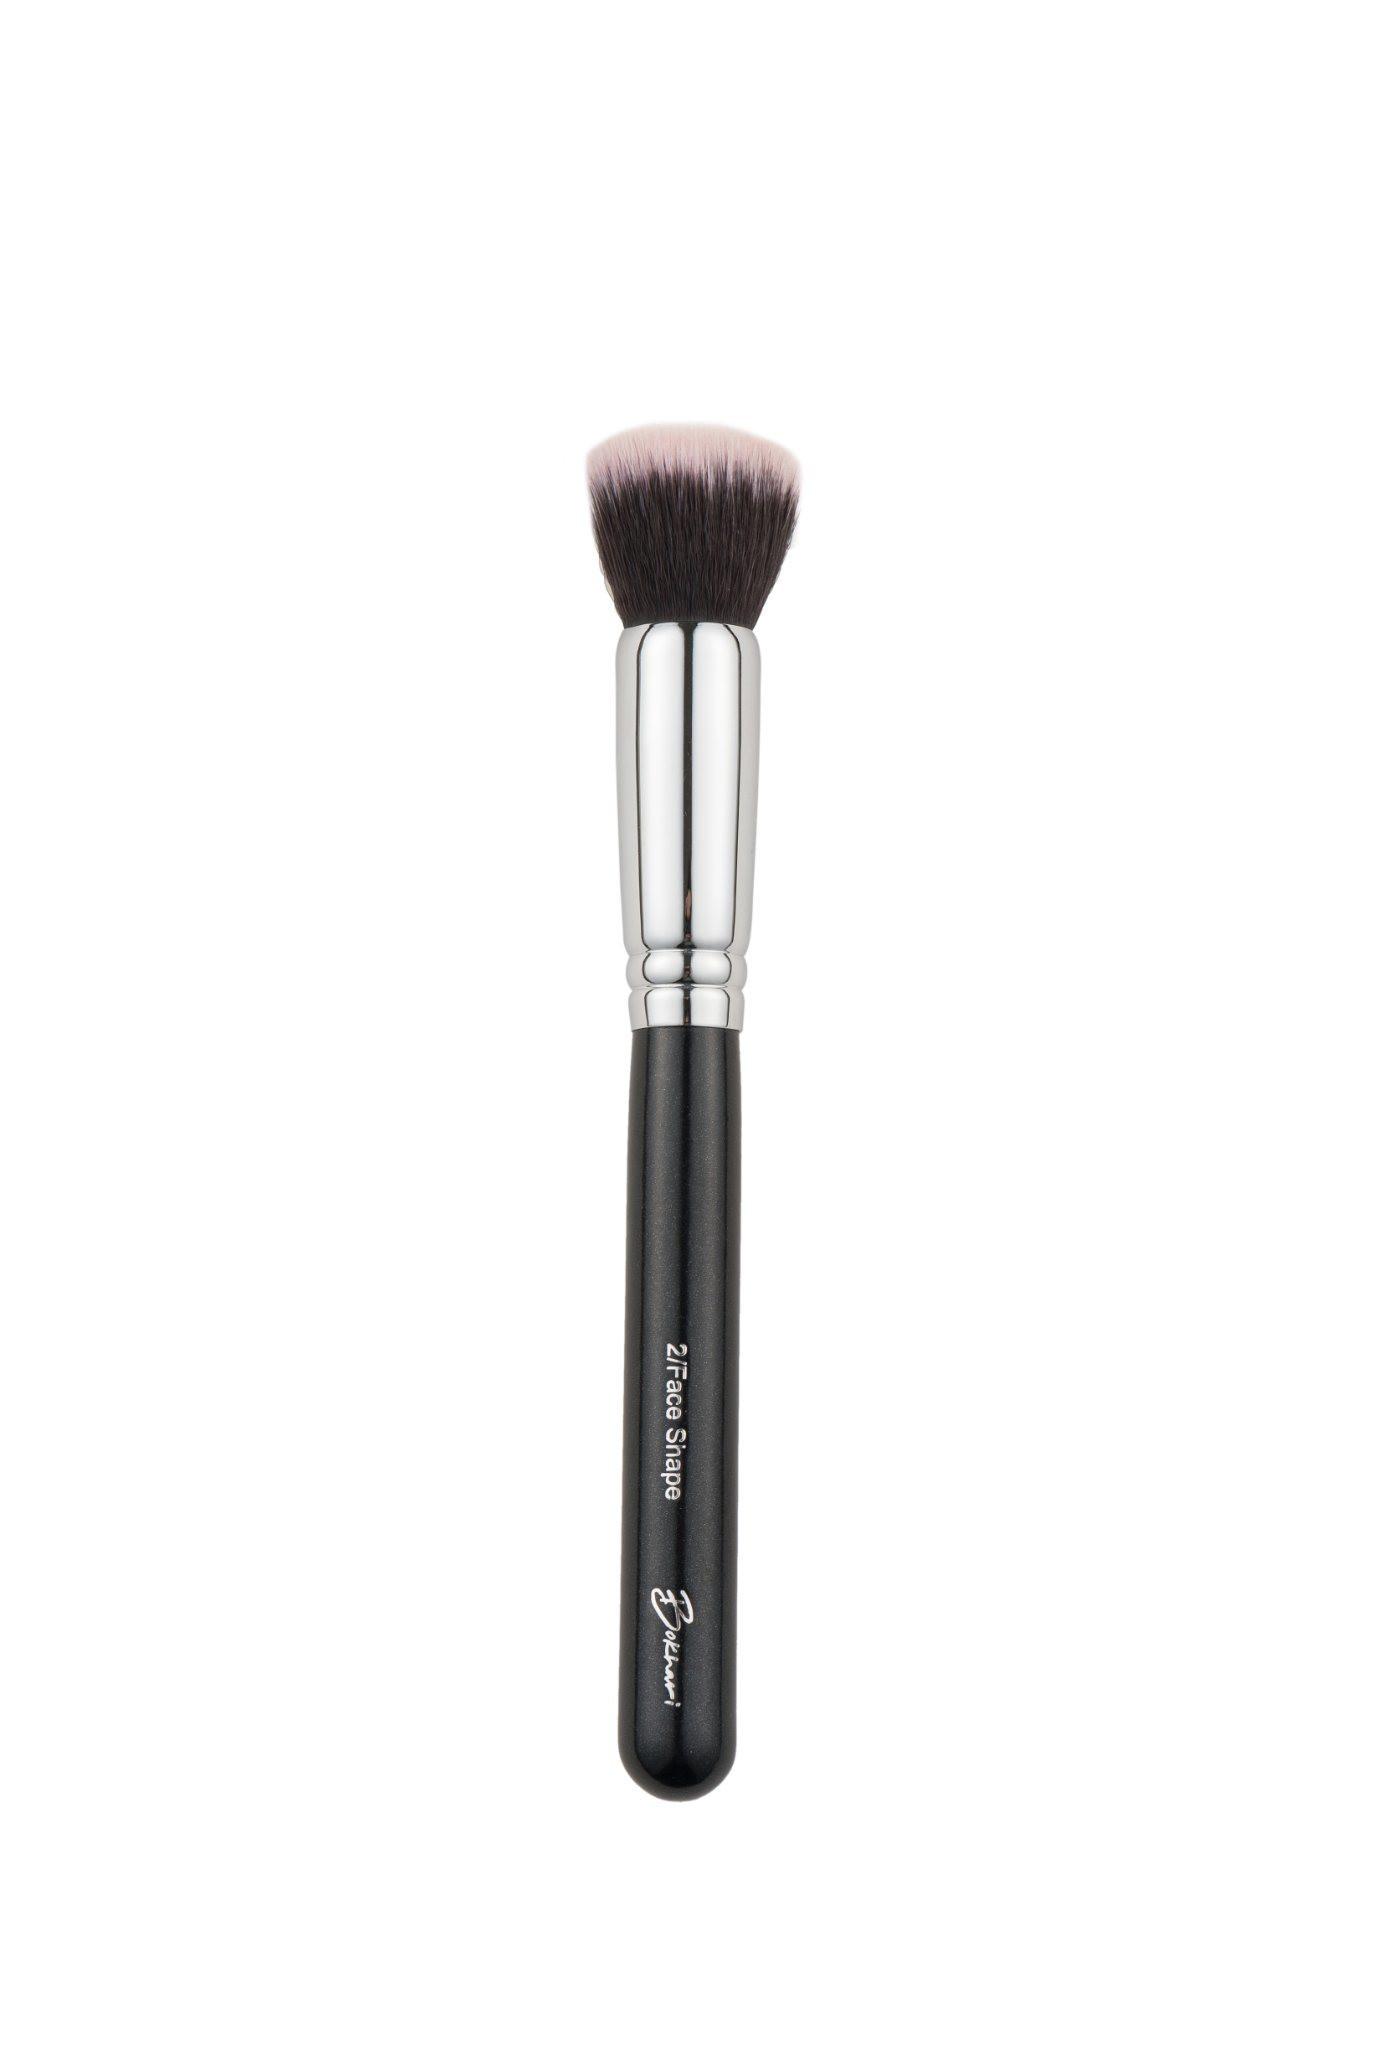 Face Makeup Brushes Powder Brush